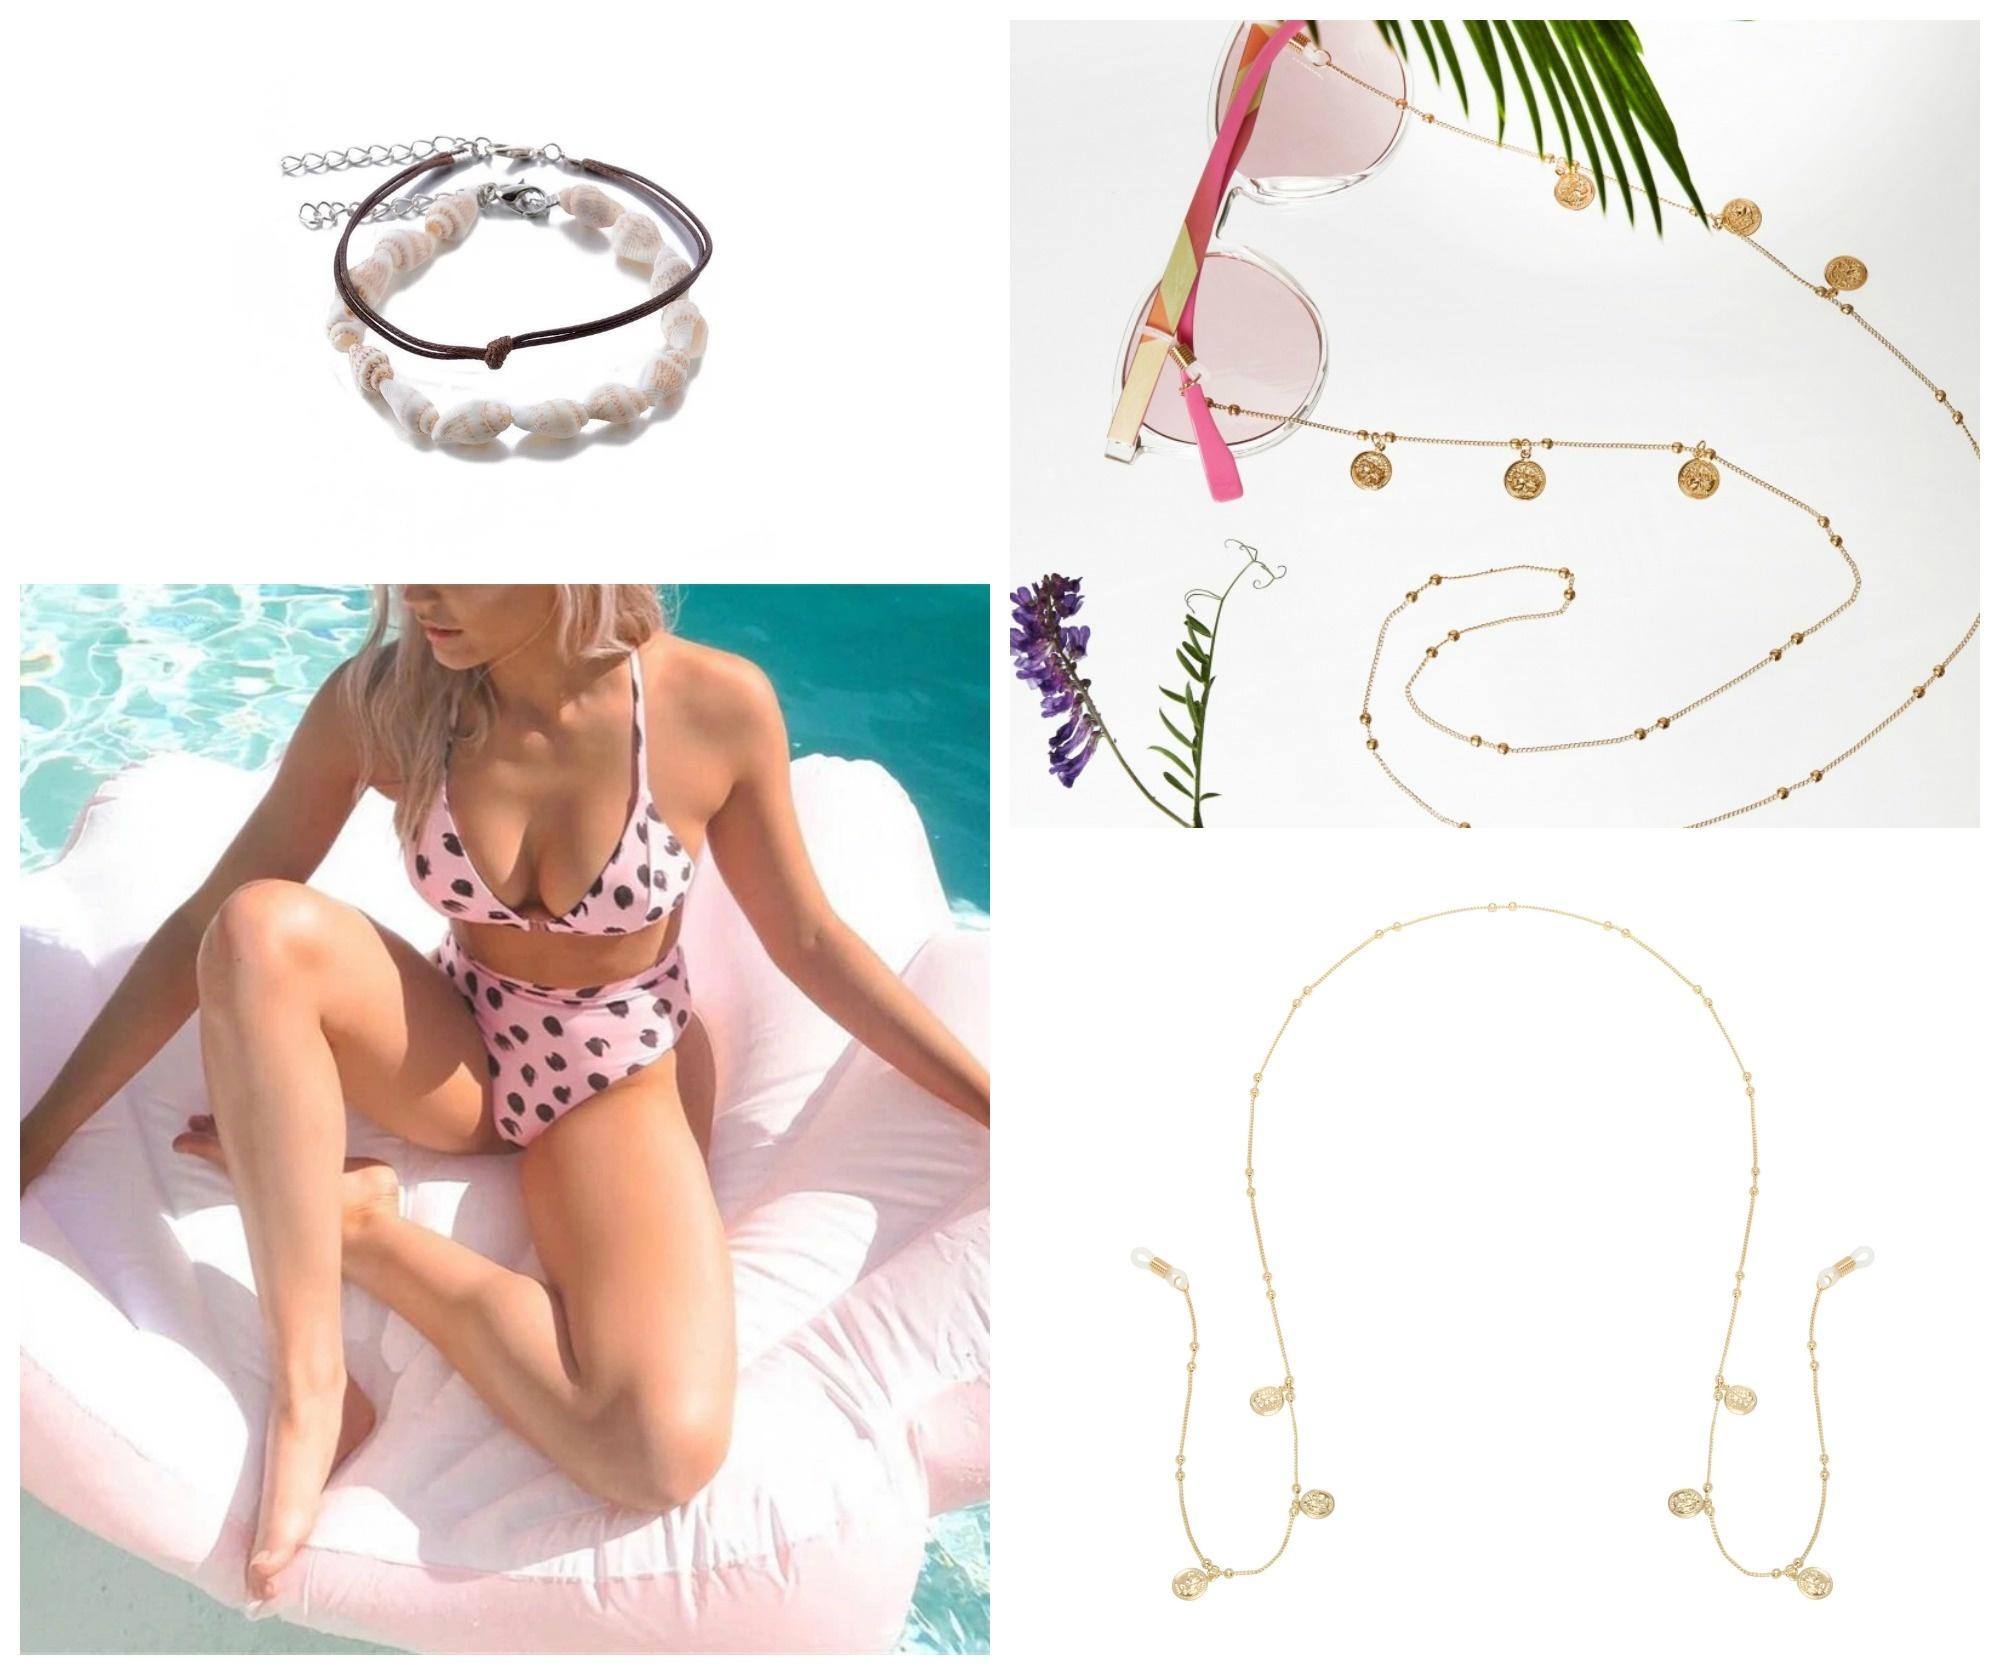 zomervakantie checklist 2019 sieraden accessoires inpaklijst reis